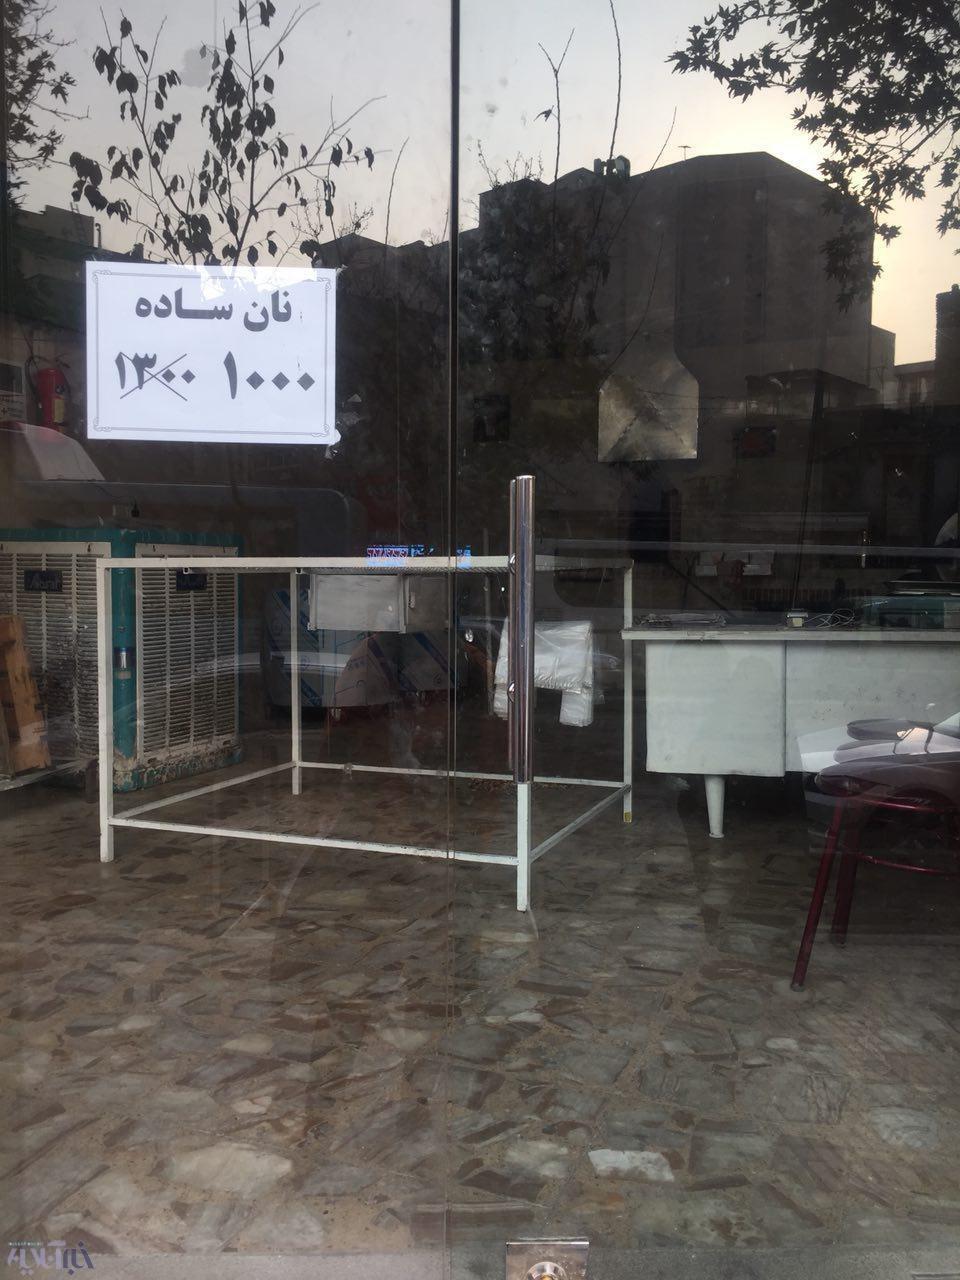 پای تخفیف به بازار نان باز شد